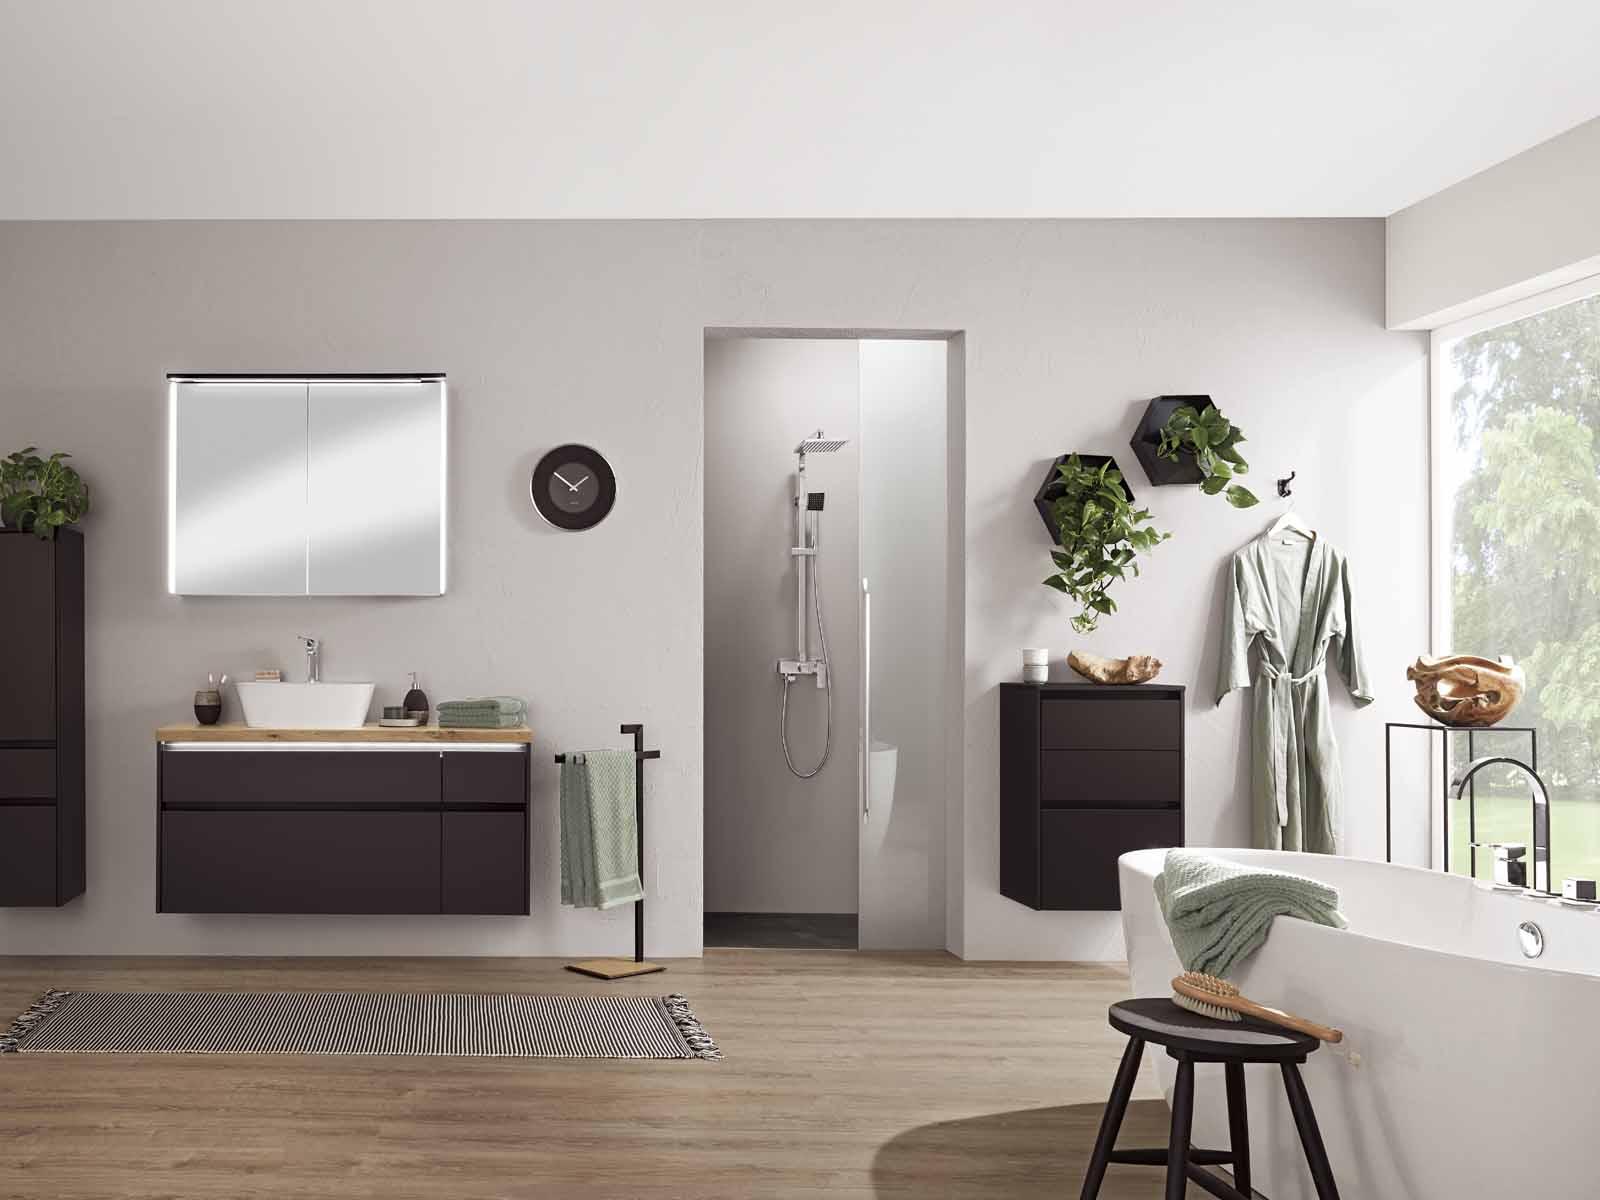 Küchentime Touch 340 N - Bathroom